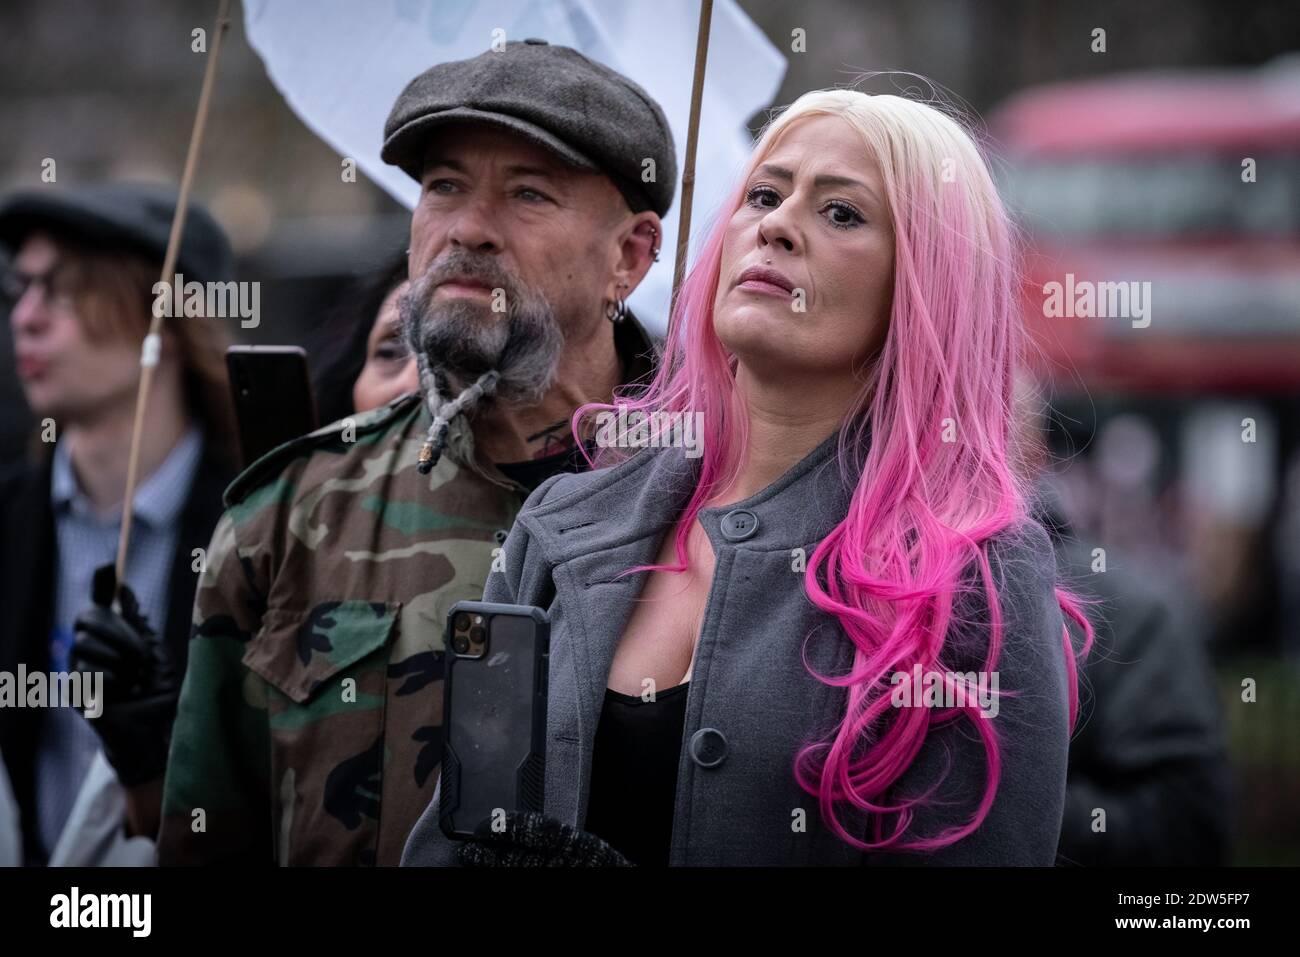 Martin Hockridge (links) mit Lisa Jane Waters (rechts). Coronavirus: Anti-Lockdown 'der Weihnachtsmann rettet Weihnachten' Protest an der Speakers' Corner, Hyde Park, London. Stockfoto